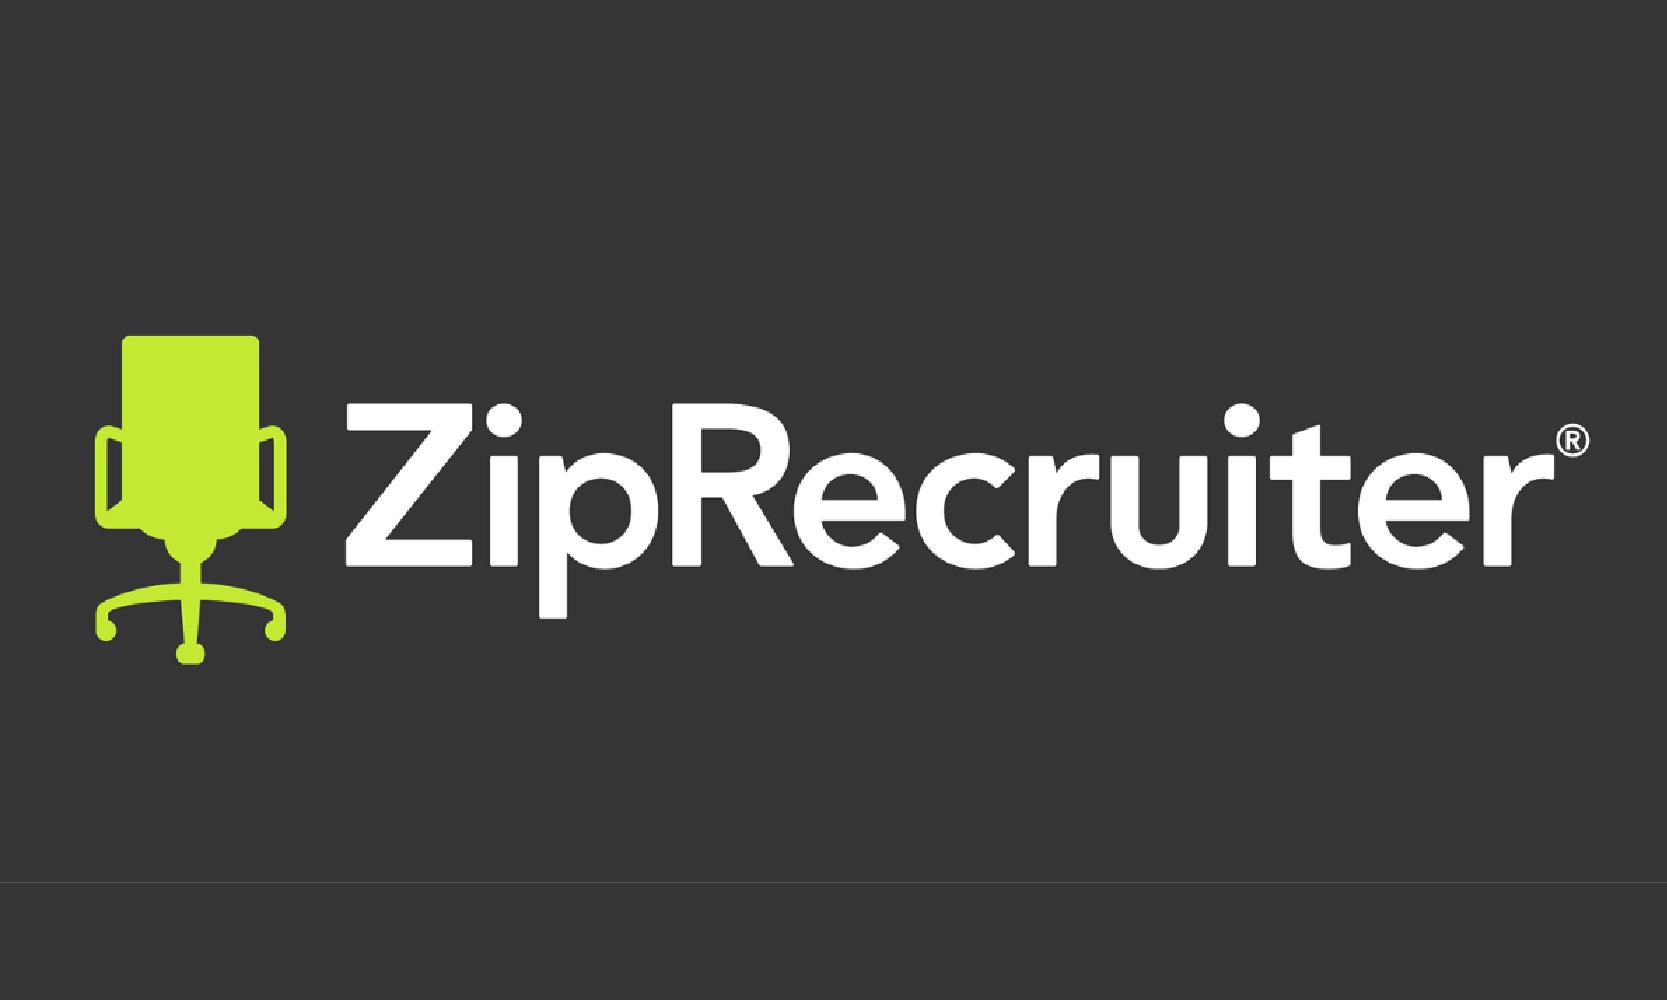 Job Website Logos-04.jpg